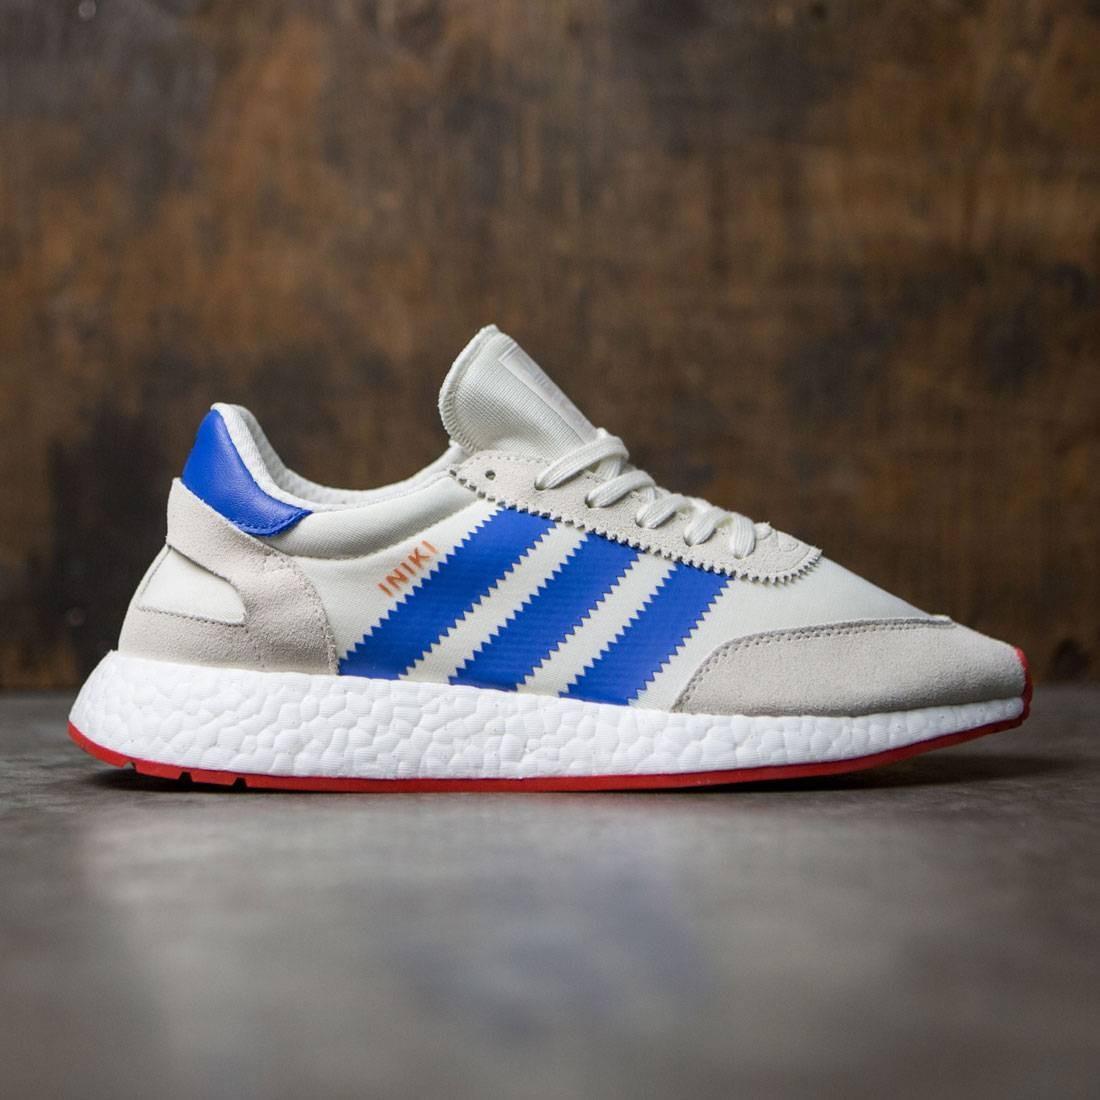 【海外限定】アディダス 白 ホワイト 青 ブルー コア メンズ靴 靴 【 ADIDAS WHITE BLUE MEN INIKI RUNNER OFF CORE RED 】